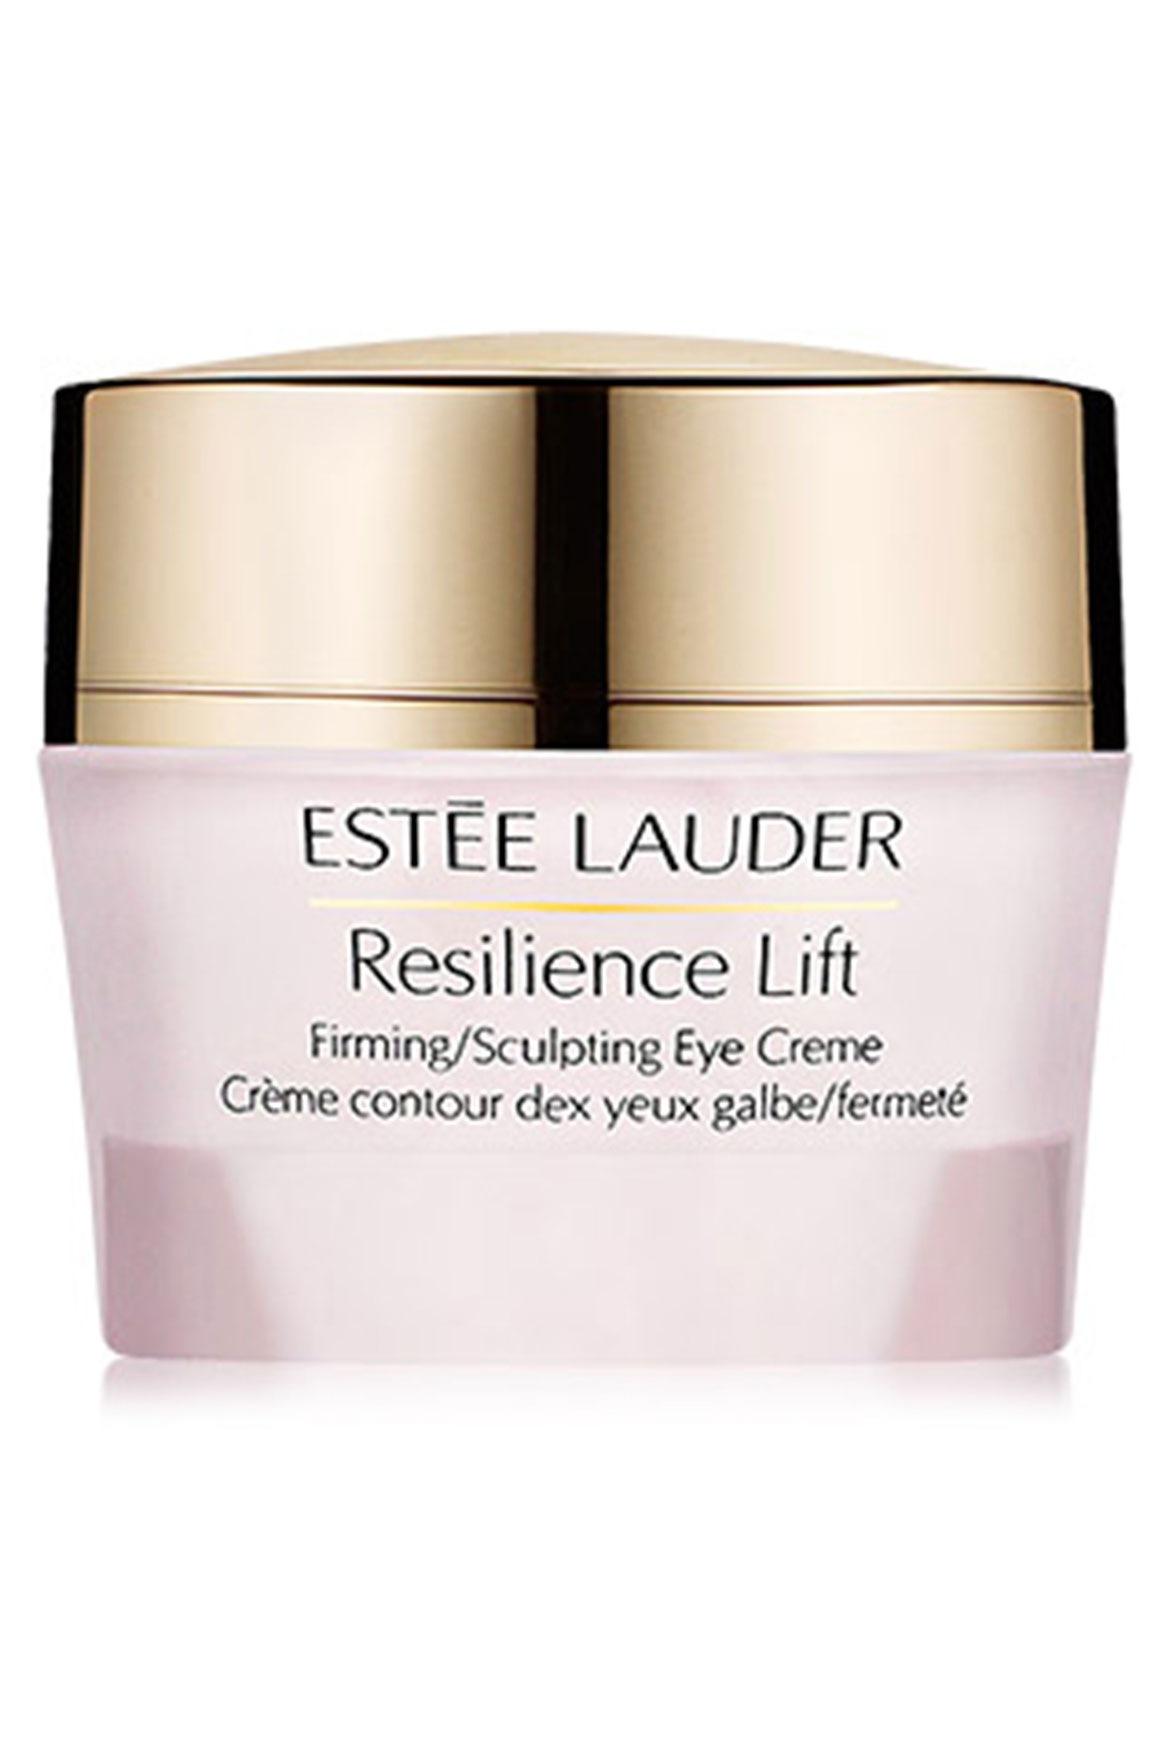 Estée Lauder   Resilience Lift Firming/Sculpting Eye Creme .